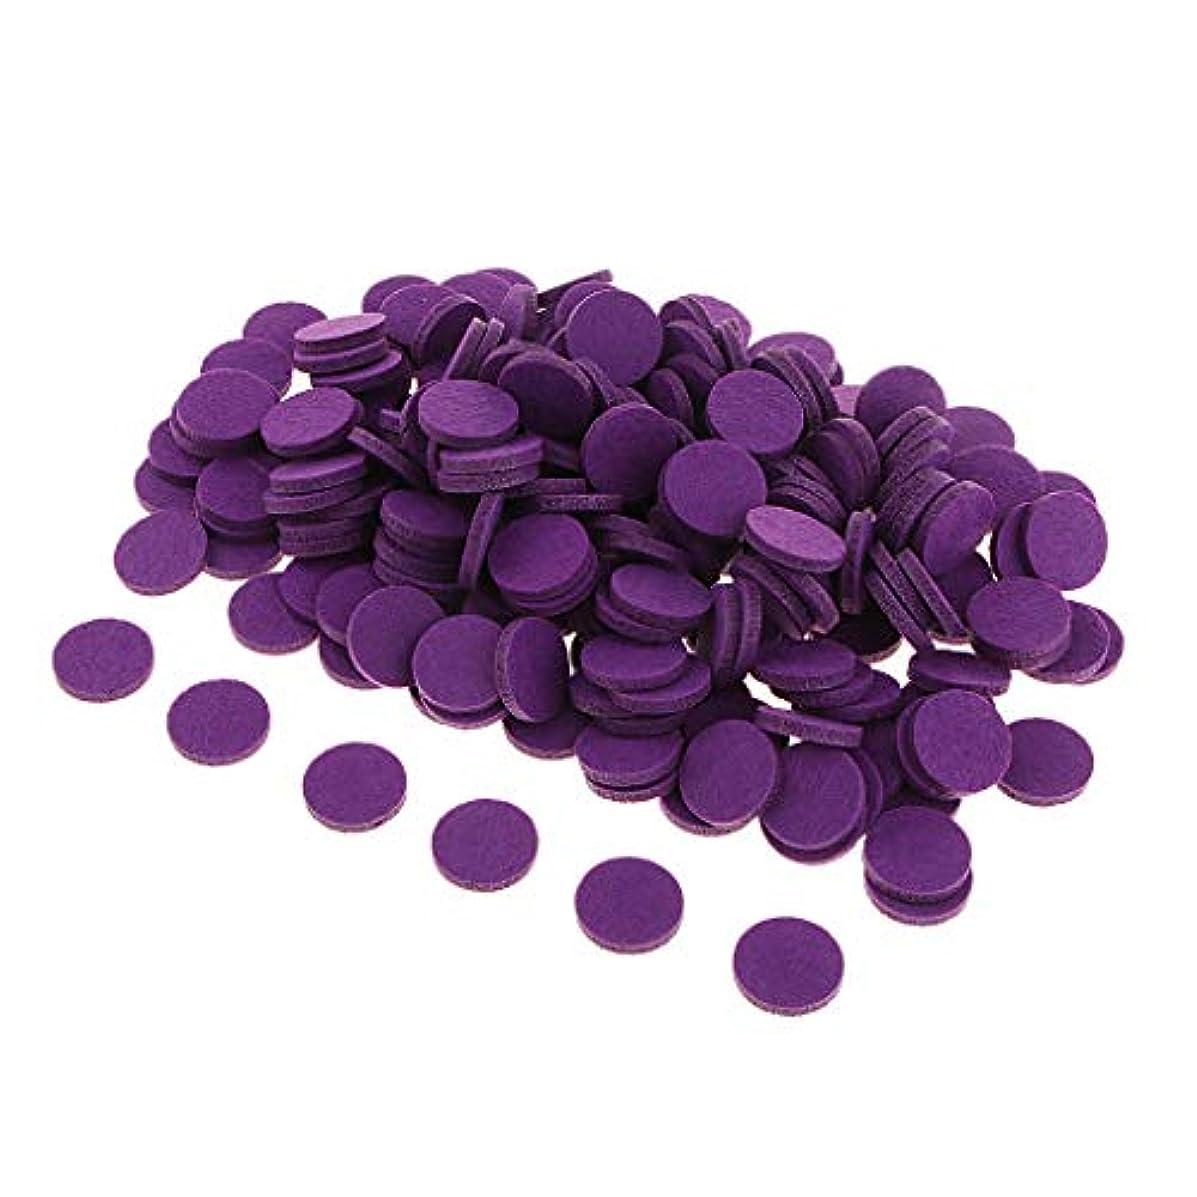 検出する編集する速い精油付き ロマテラピー用オイルパッド チェアマット 交換用 香水 精油 車 全11色 約200個入り - 紫の